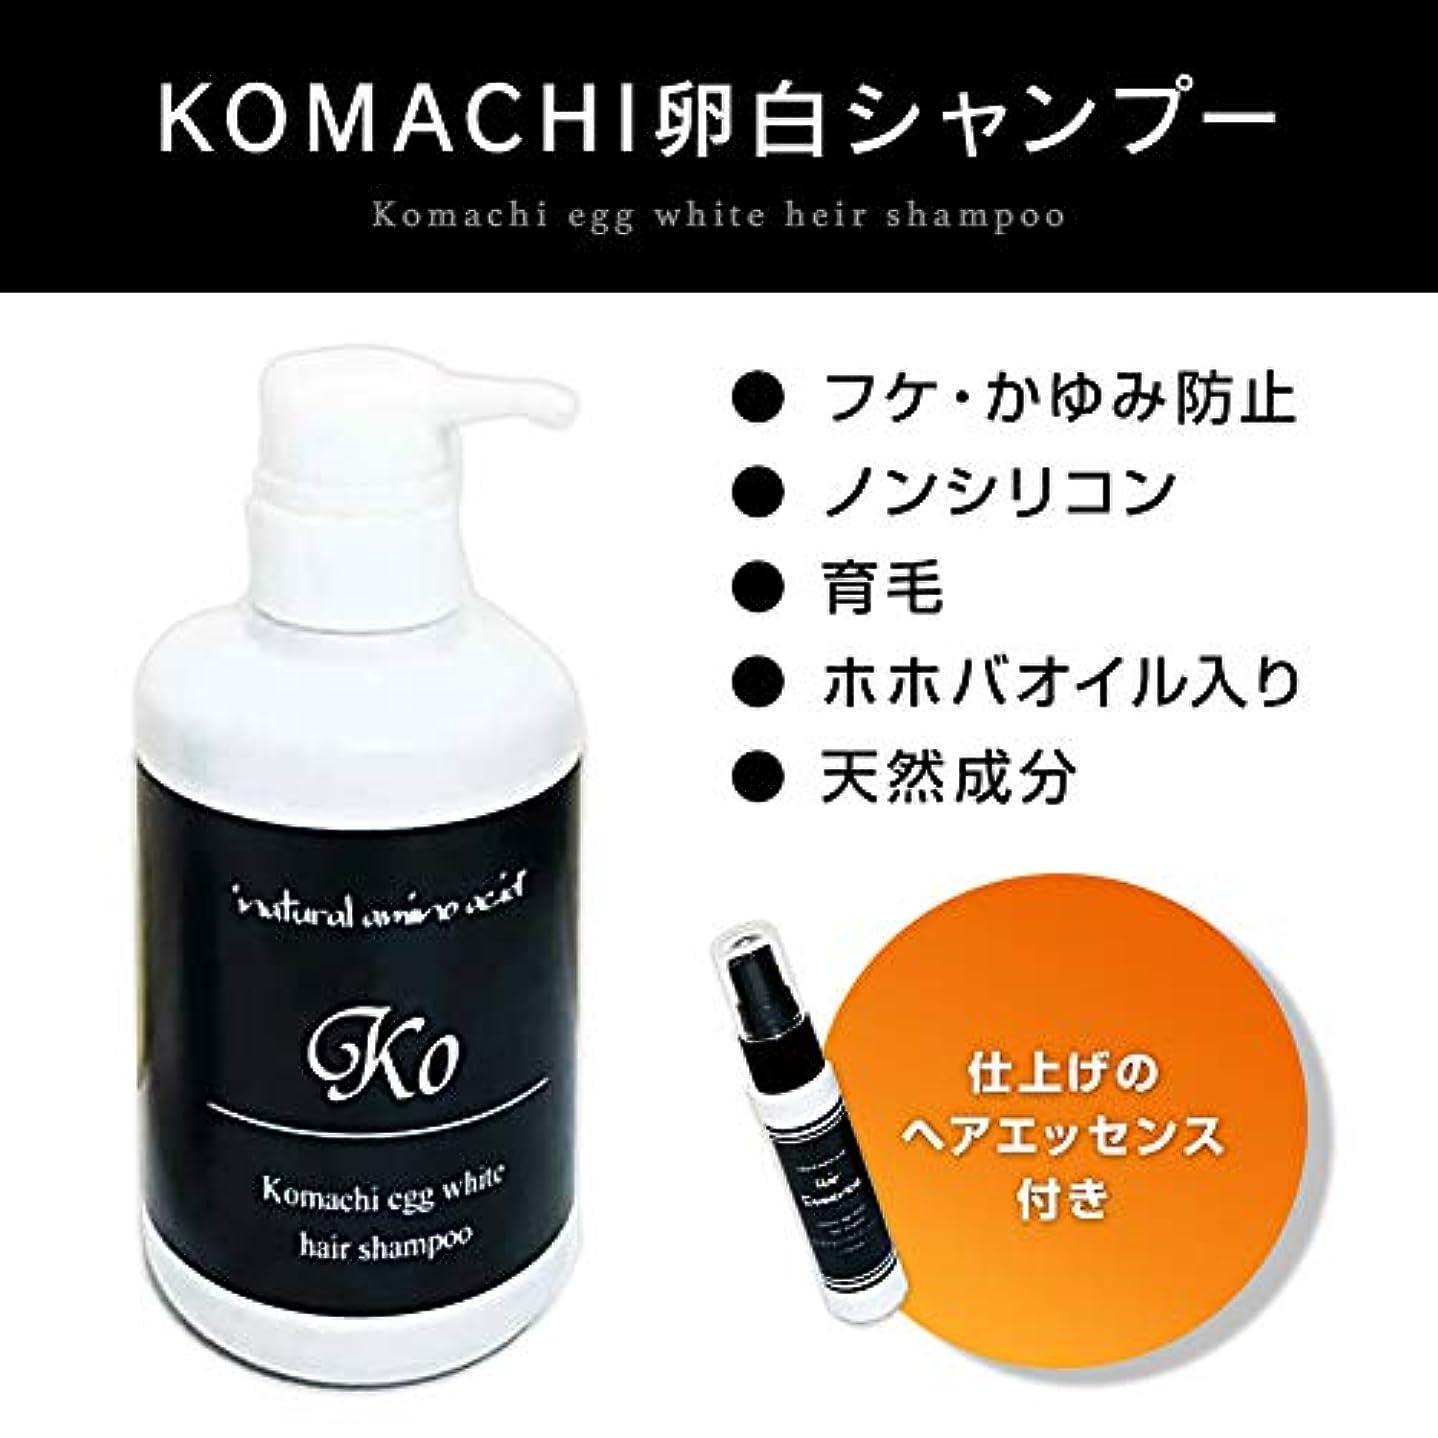 のため有罪入力KOMACHI シャンプー メンズ 無添加 人気 オーガニック ノンシリコン 日本製 ホホバオイル入り ヘアエッセンス付きシャンプー セット